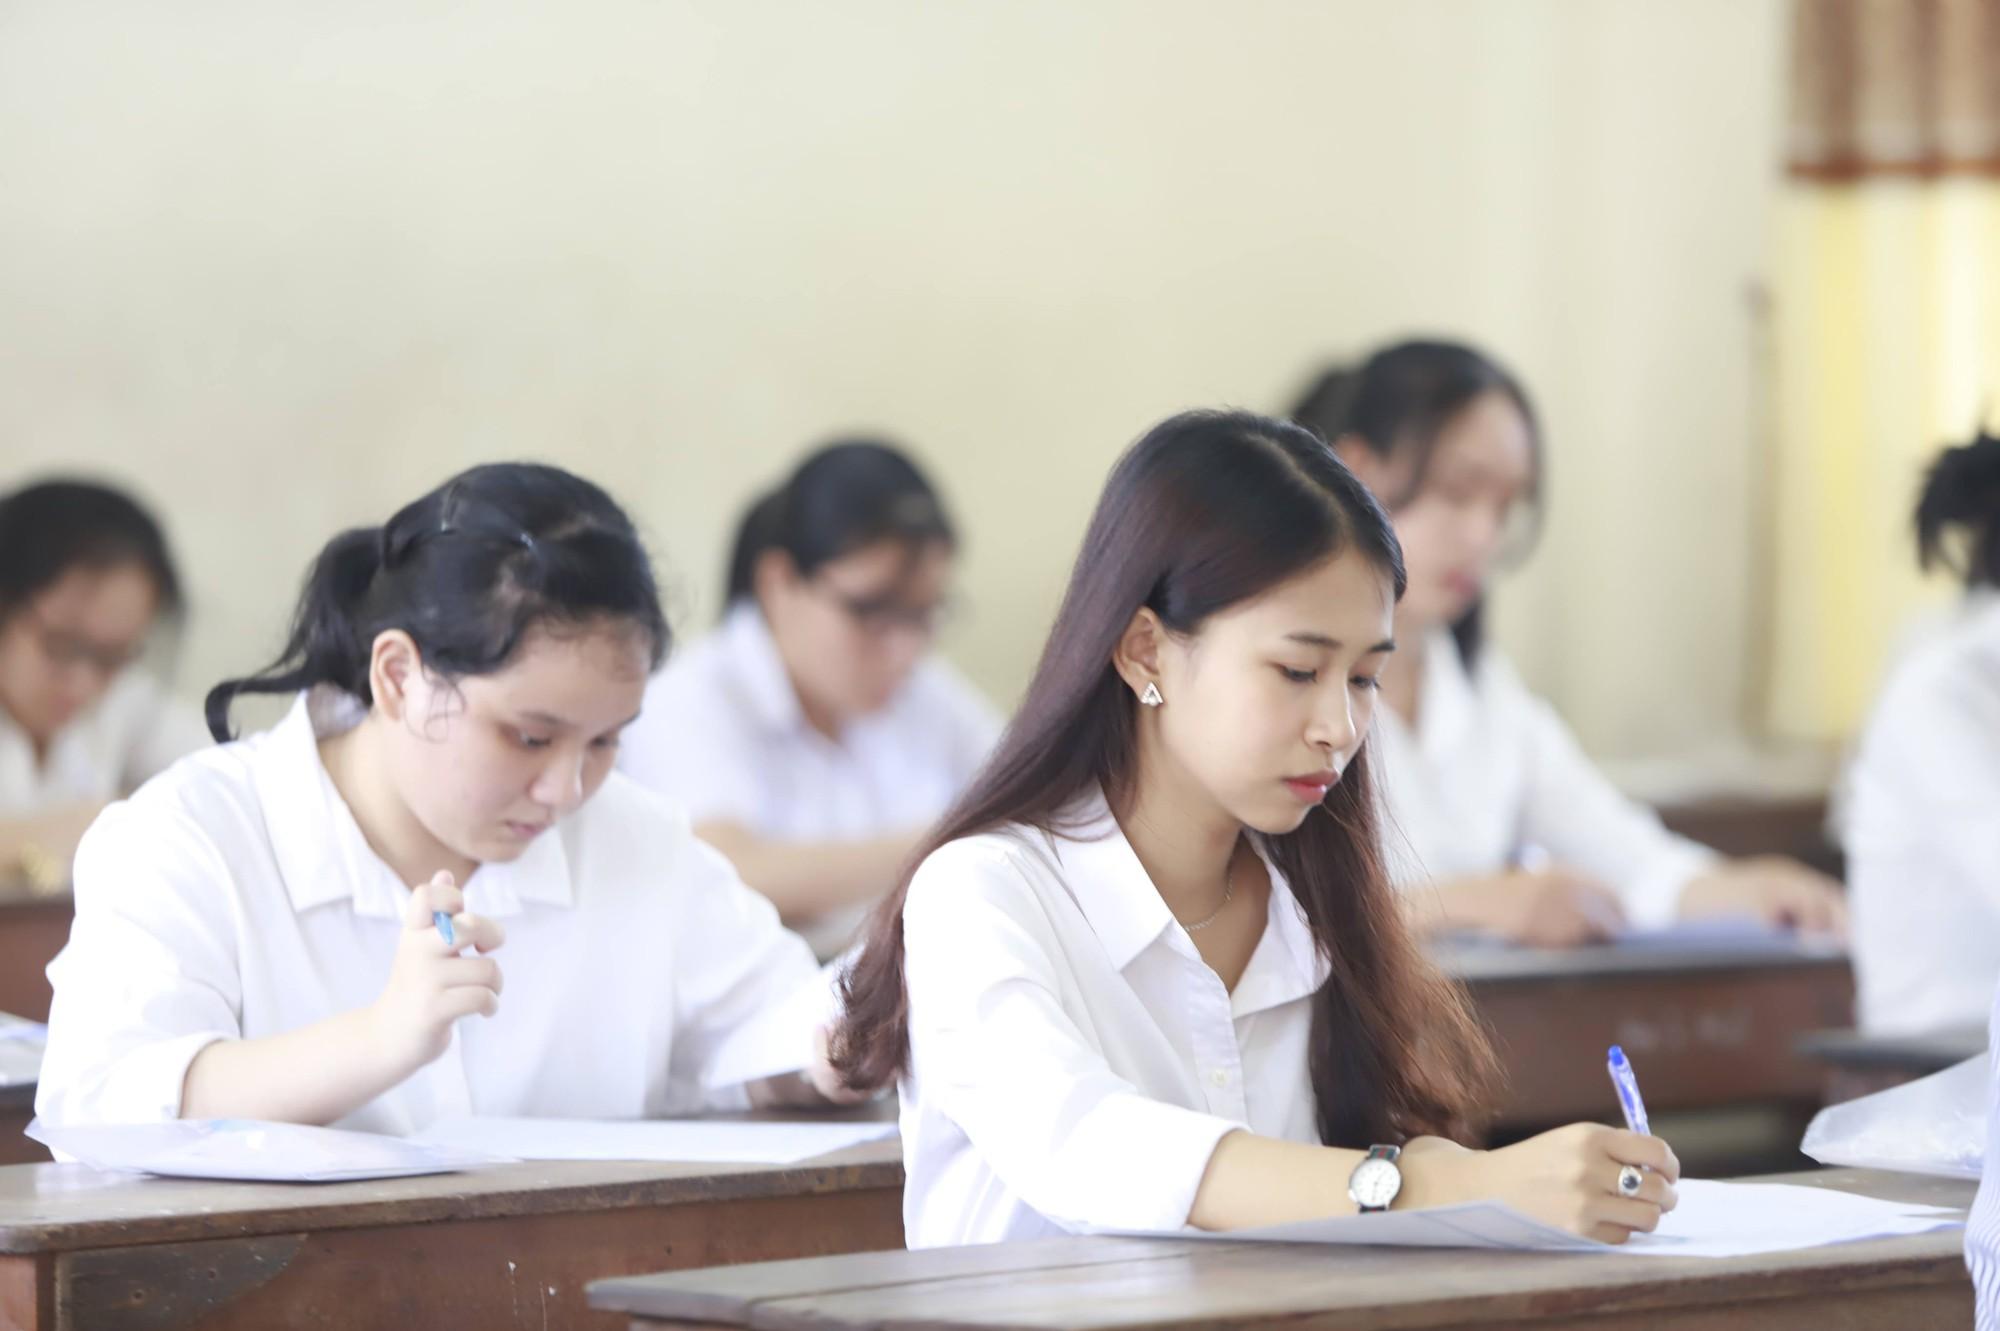 Thạc sĩ Văn học: Đề thi Ngữ văn không chỉ dành cho học sinh mà là vấn đề cả xã hội cần suy ngẫm - Ảnh 9.